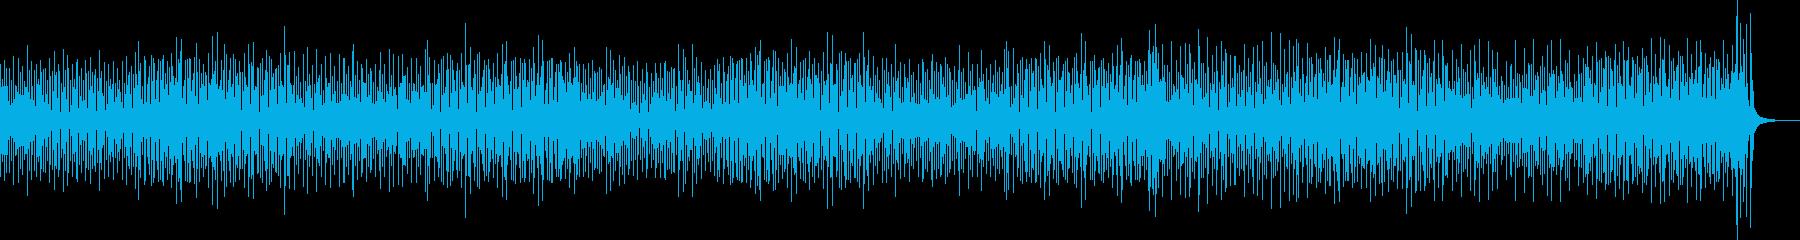 無邪気なポジティブオープニングトーク128の再生済みの波形